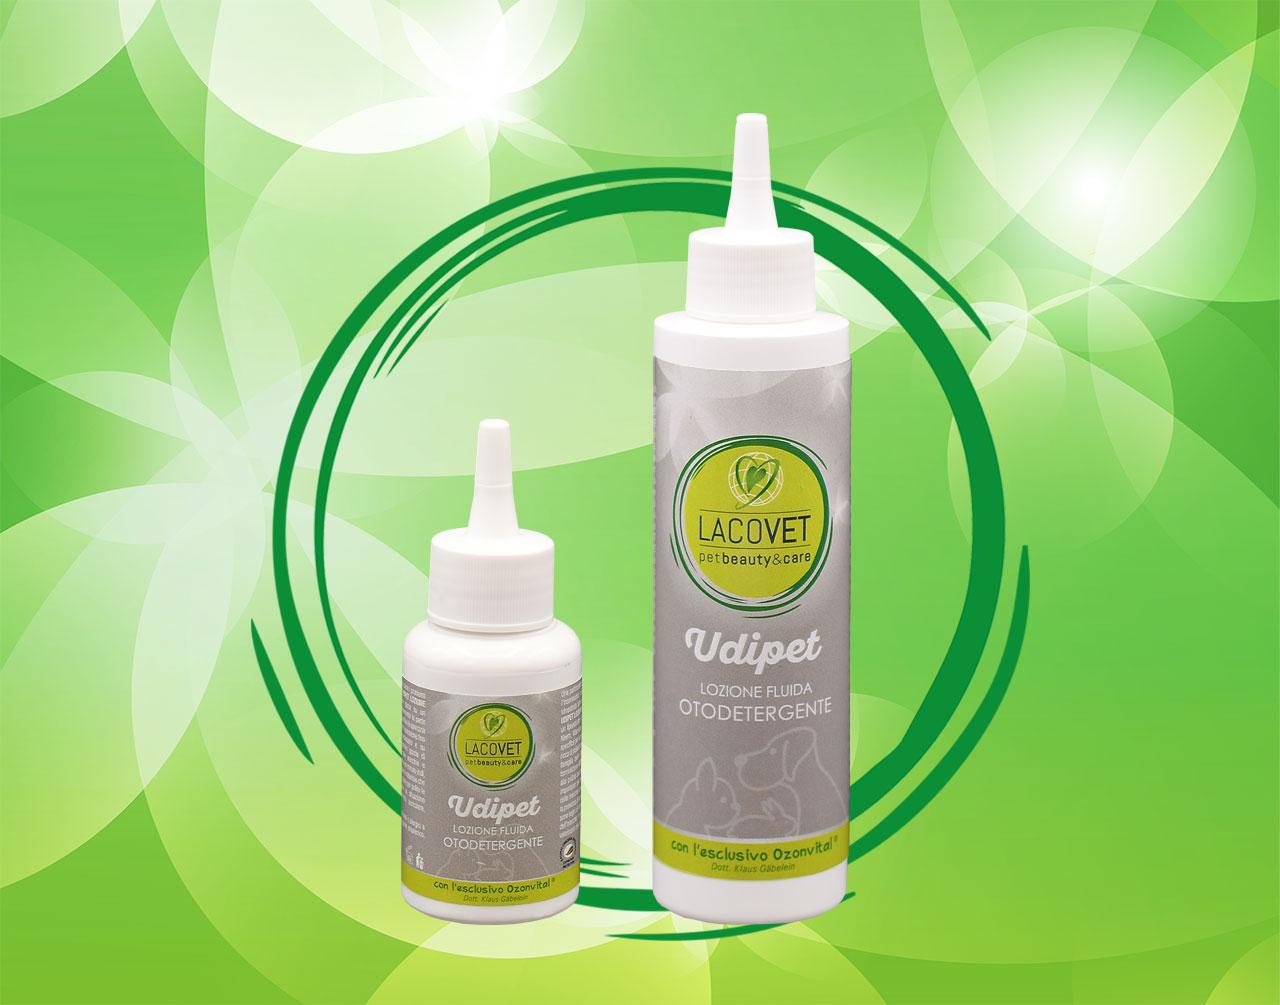 UDIPET lozione fluida otodetergente - LACOVET pet beauty&care